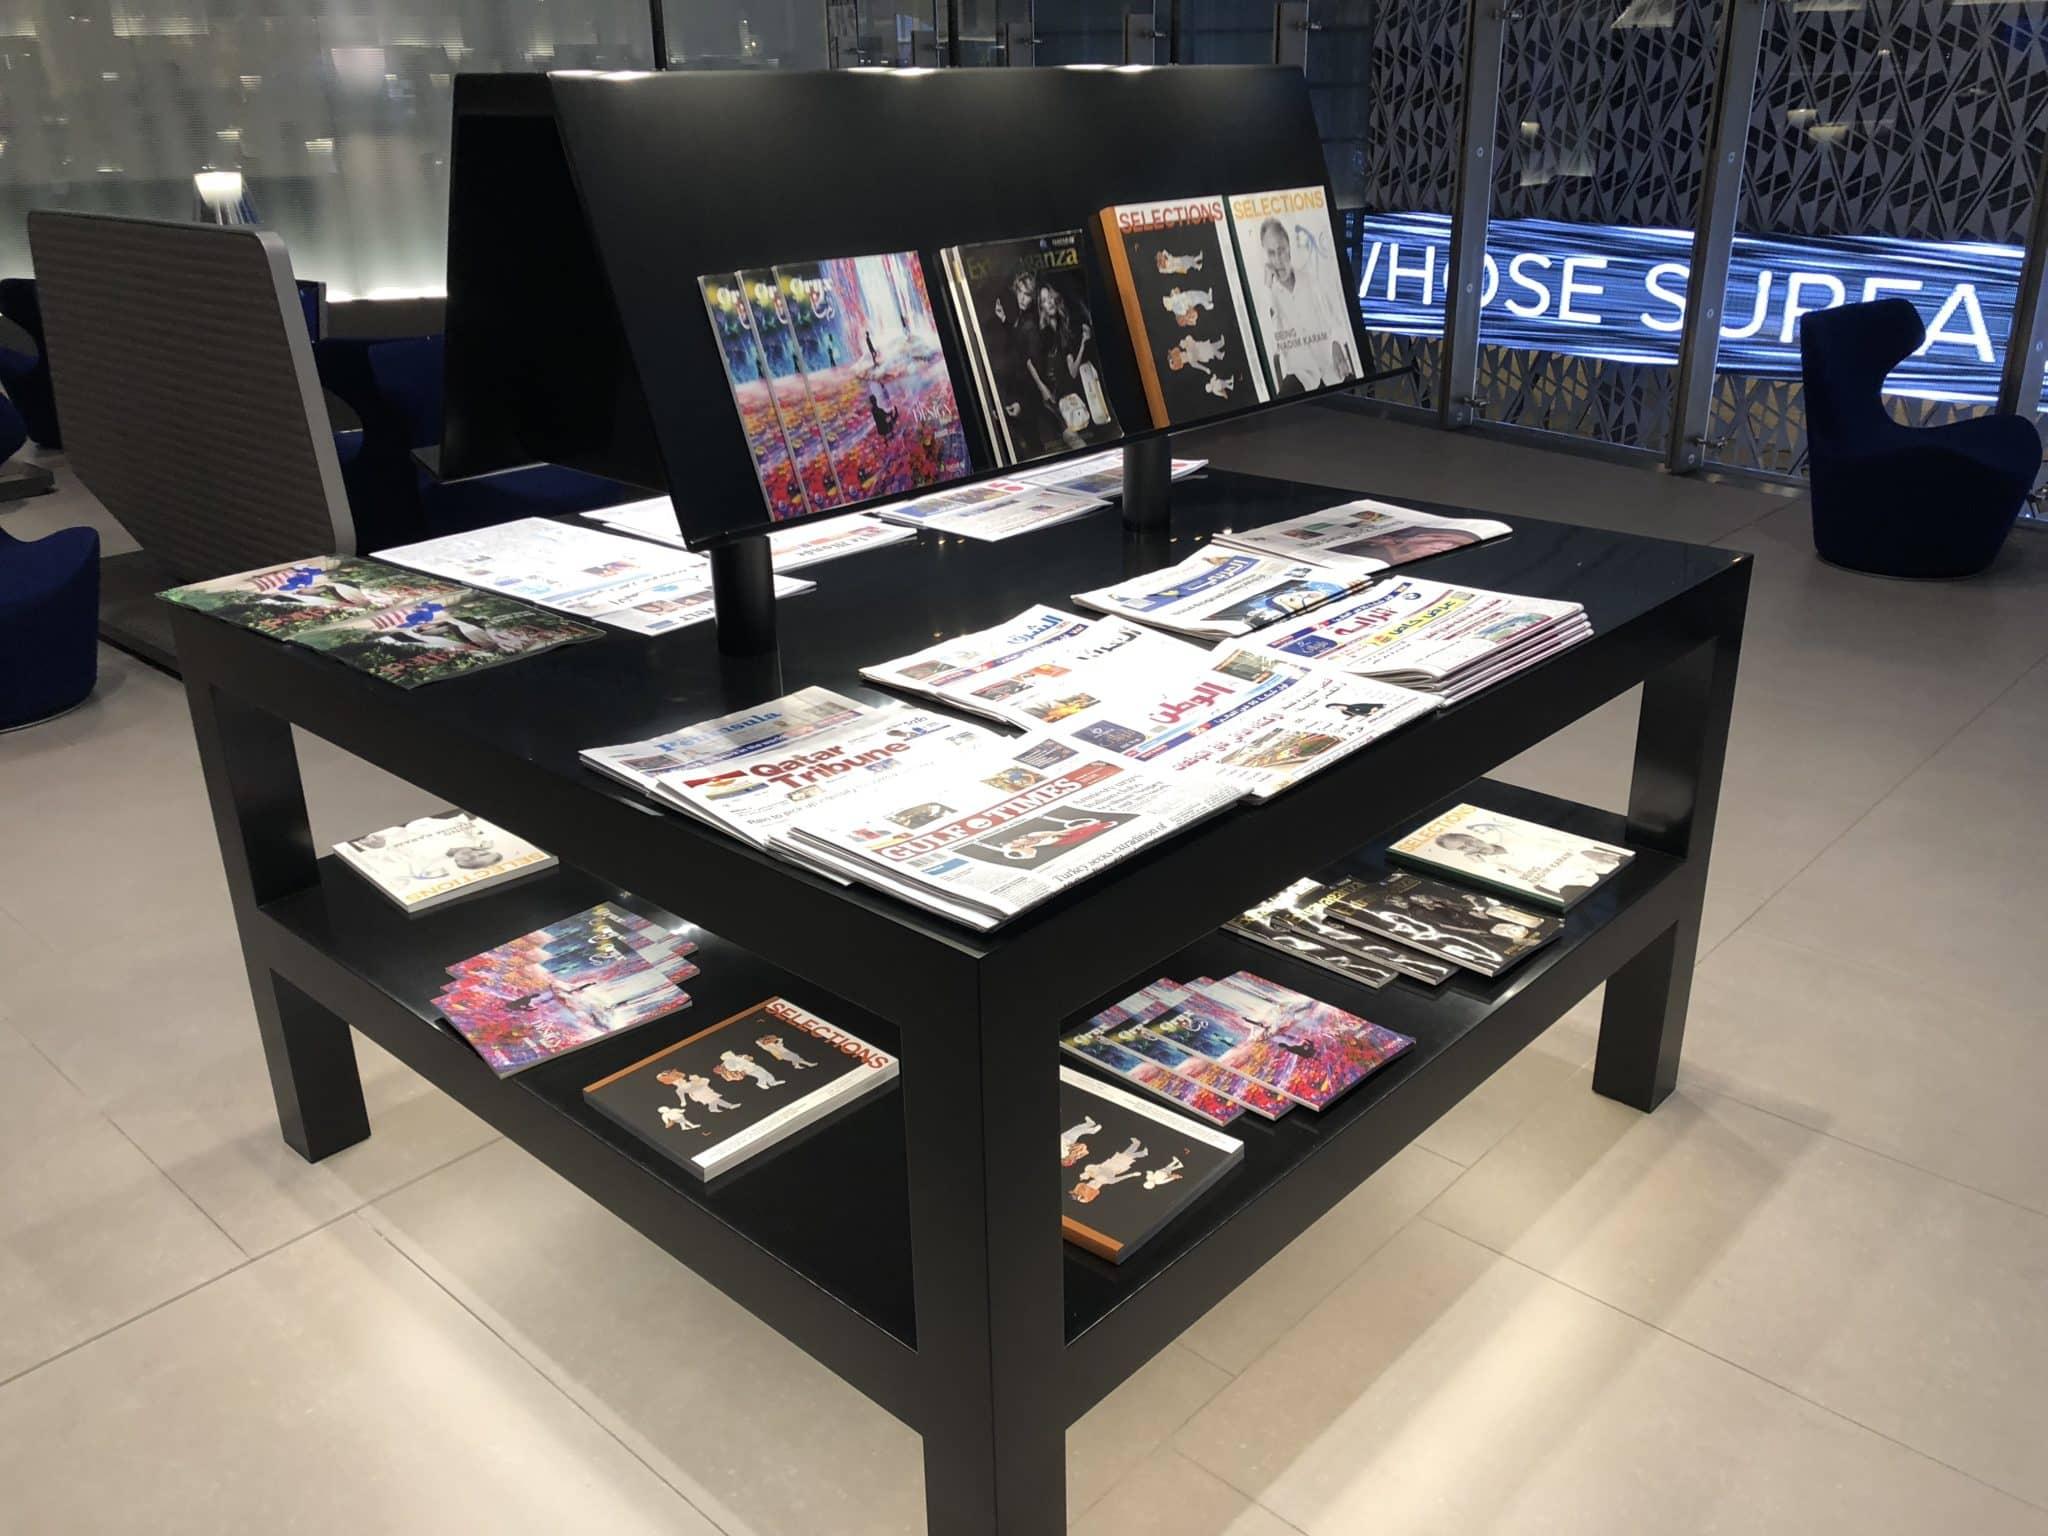 Qatar Airways Al Mourjan Business Class Lounge Zeitungen und Zeitschriften